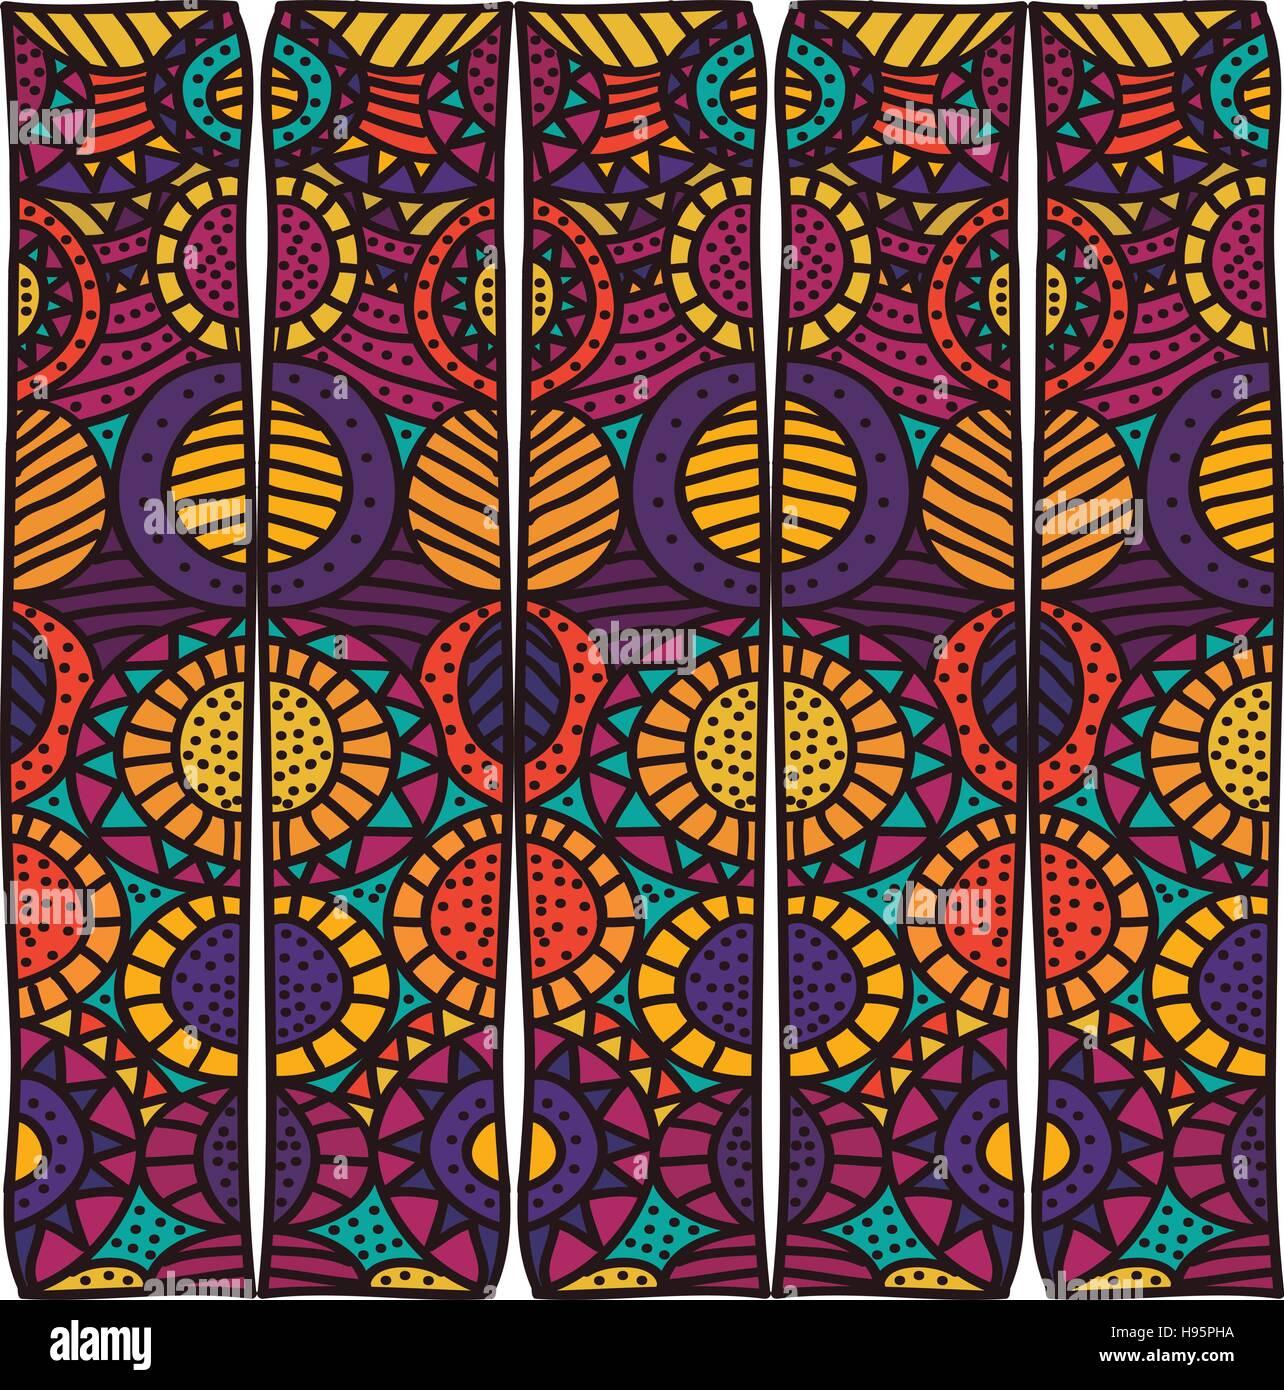 bohemian or boho pattern icon image - Stock Image